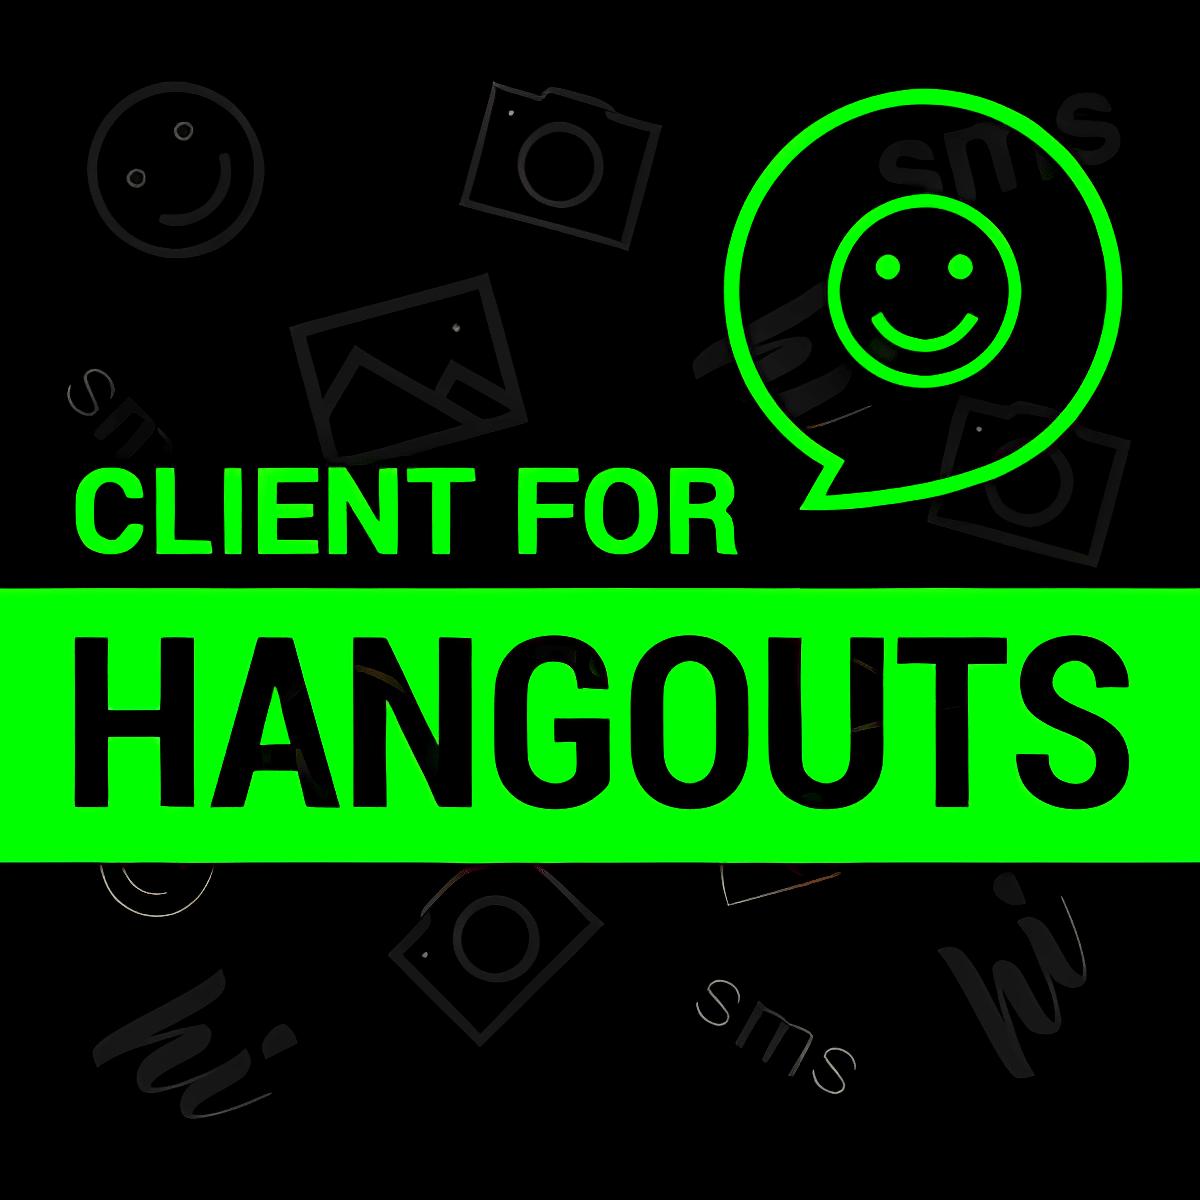 Client for Hangouts